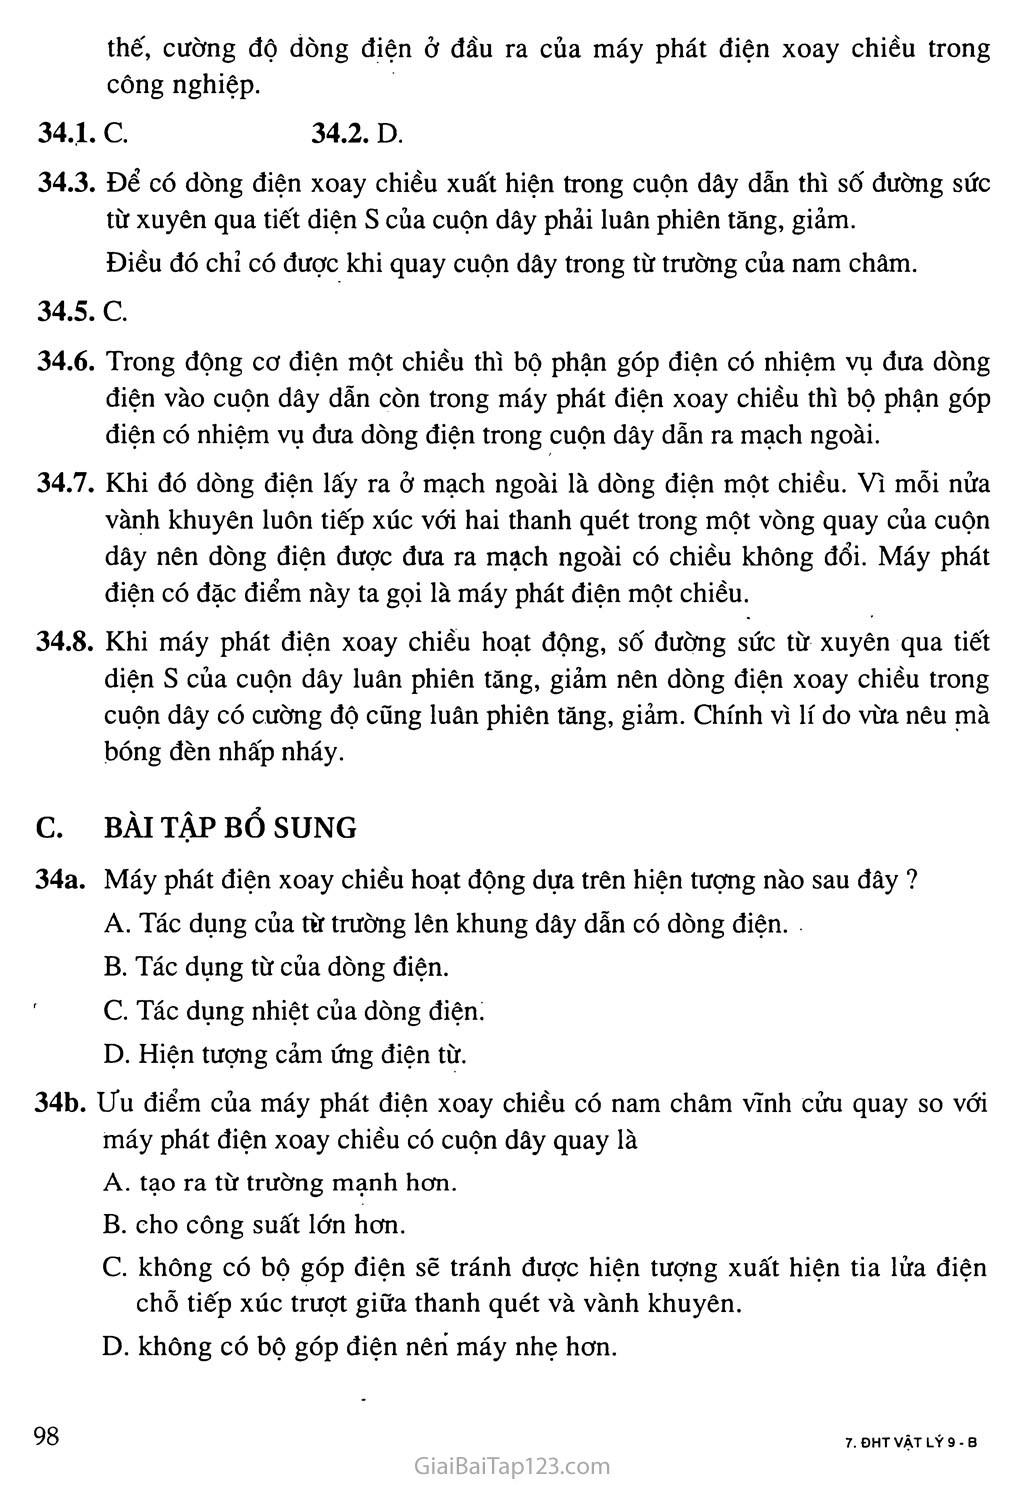 Bài 34: Máy phát điện xoay chiều trang 2